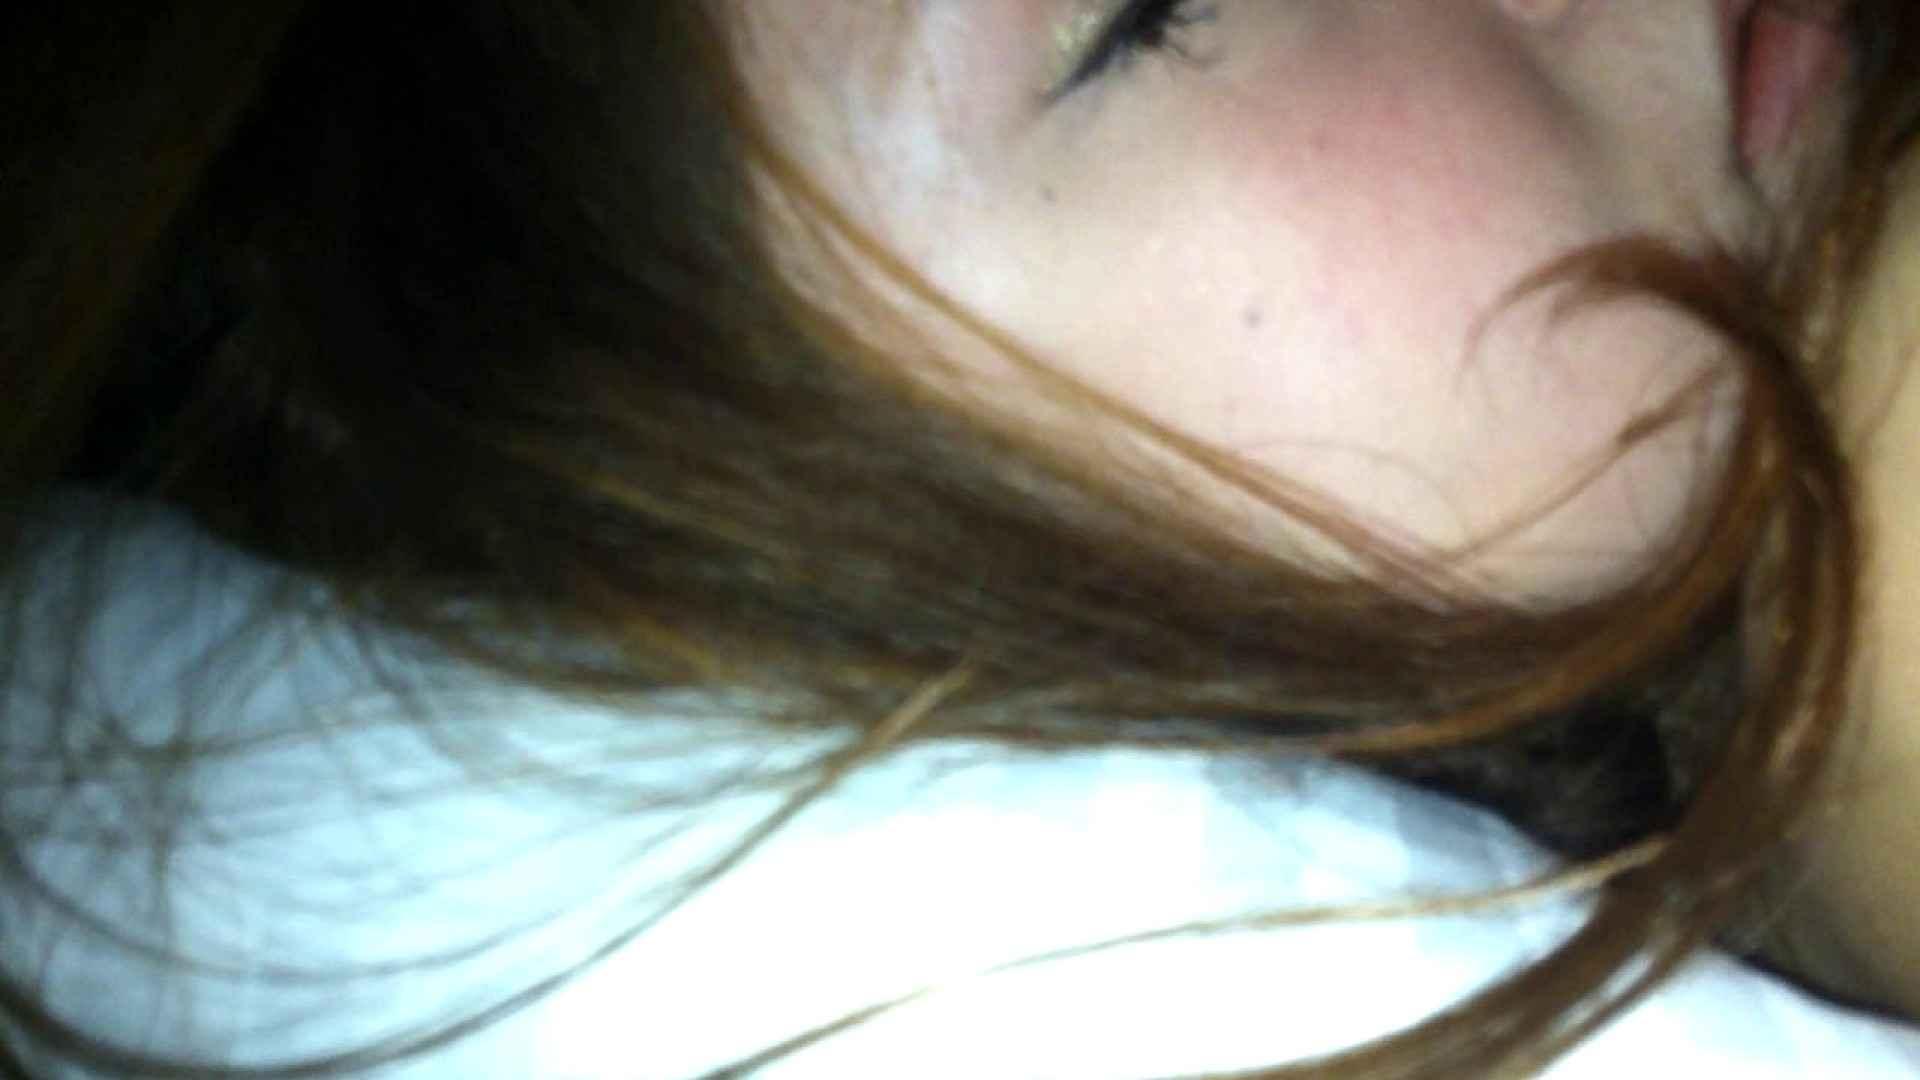 魔術師の お・も・て・な・し vol.11 19歳女子大生にホテルでイタズラ 前編 イタズラ 盗撮セックス無修正動画無料 84pic 59